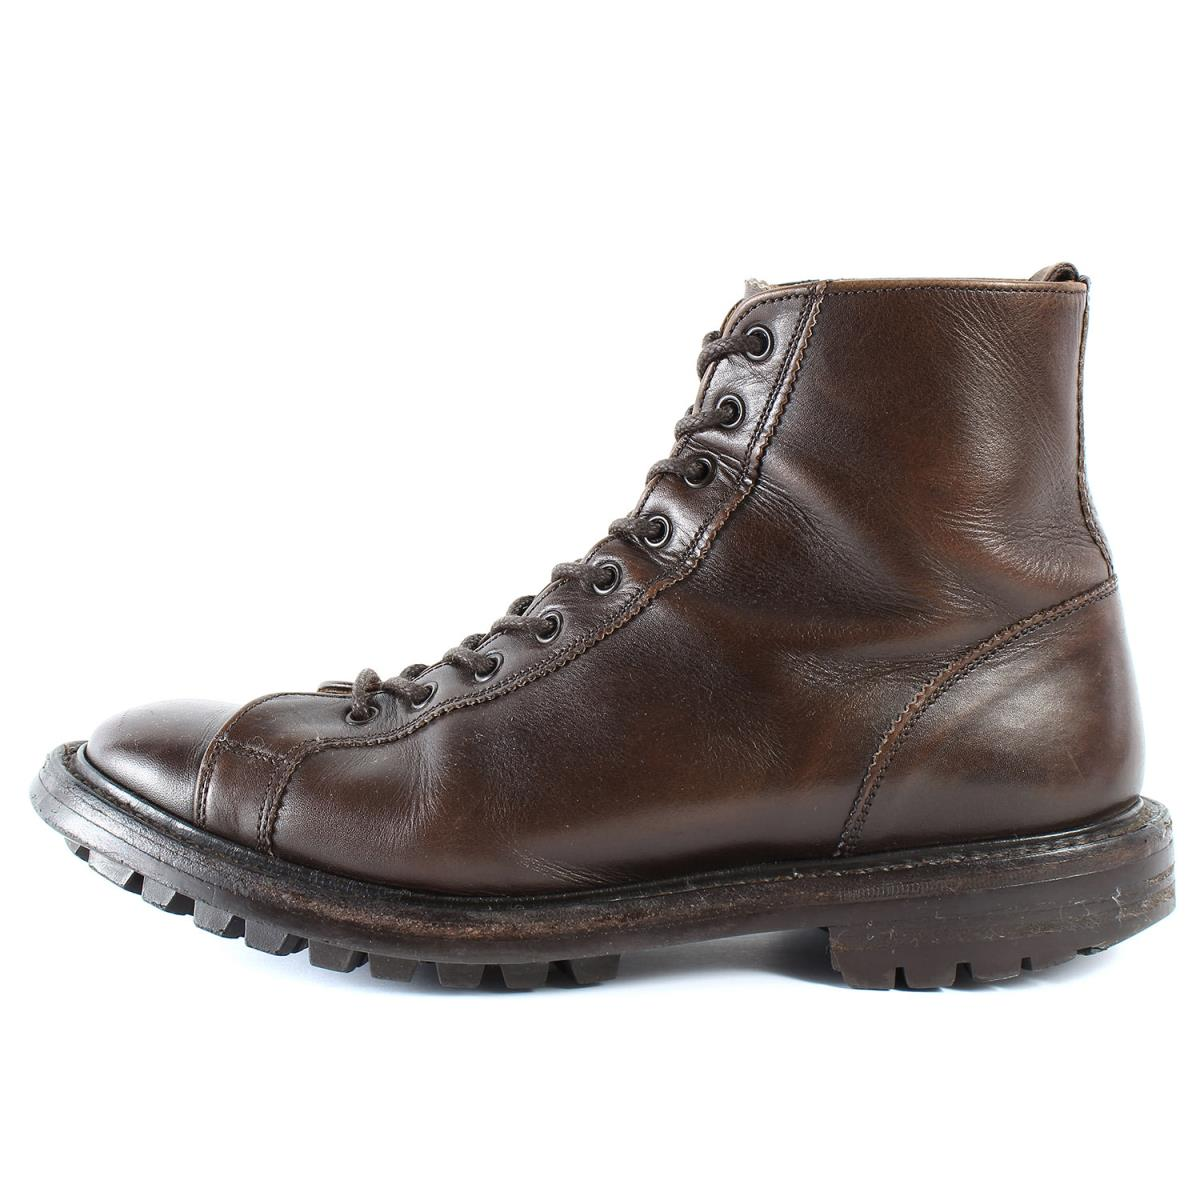 Tricker's (トリッカーズ) レザーレースアップモンキーブーツ(M6081 MONKEY BOOT) ブラウン UK7.5(26cm) 【メンズ】【中古】【K2536】【あす楽☆対応可】